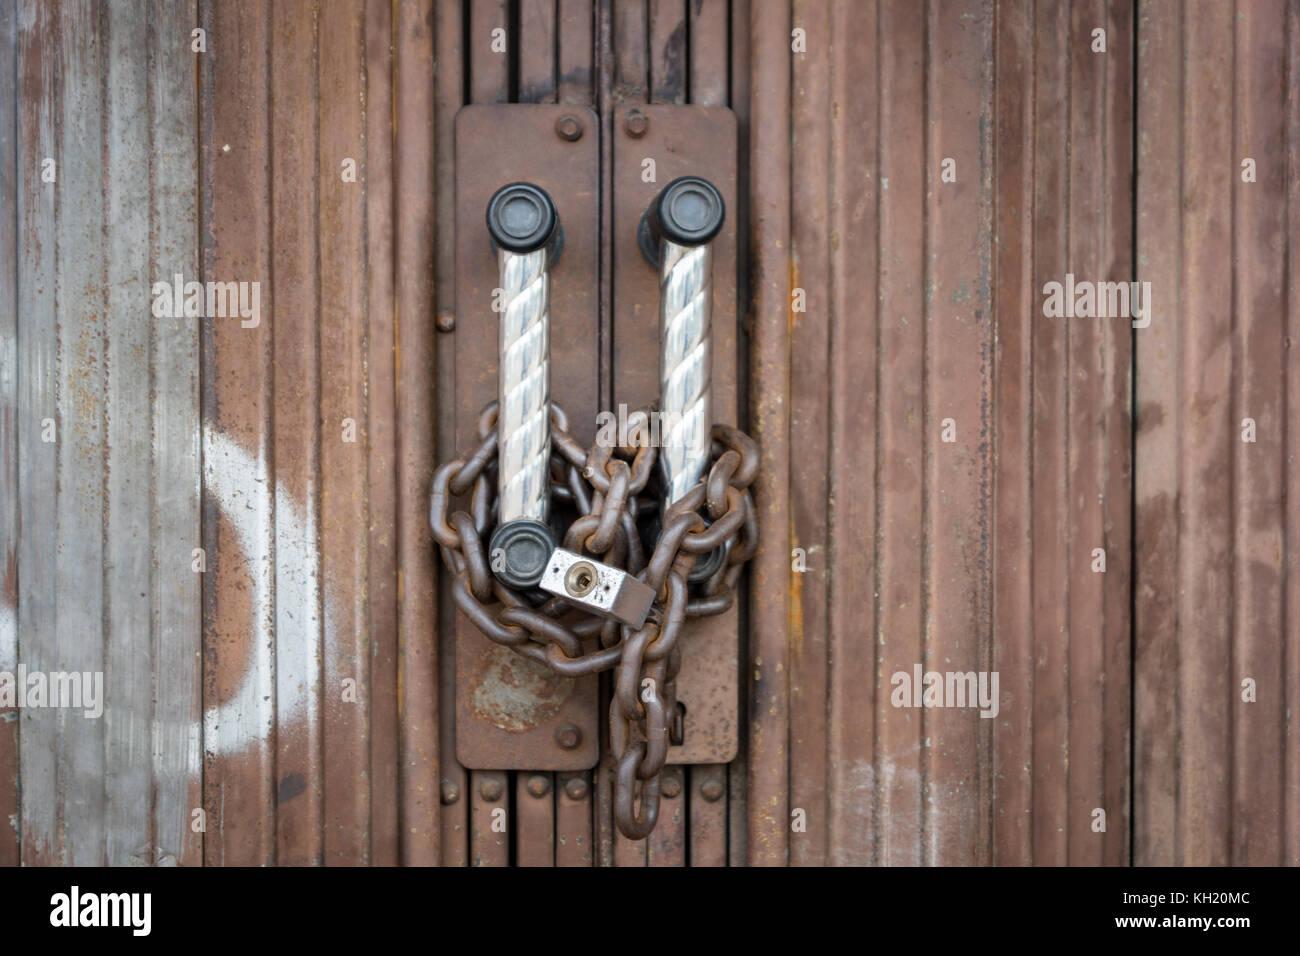 Lucchetto a catena e bloccato in modo sicuro sulla porta arrugginito. Immagini Stock